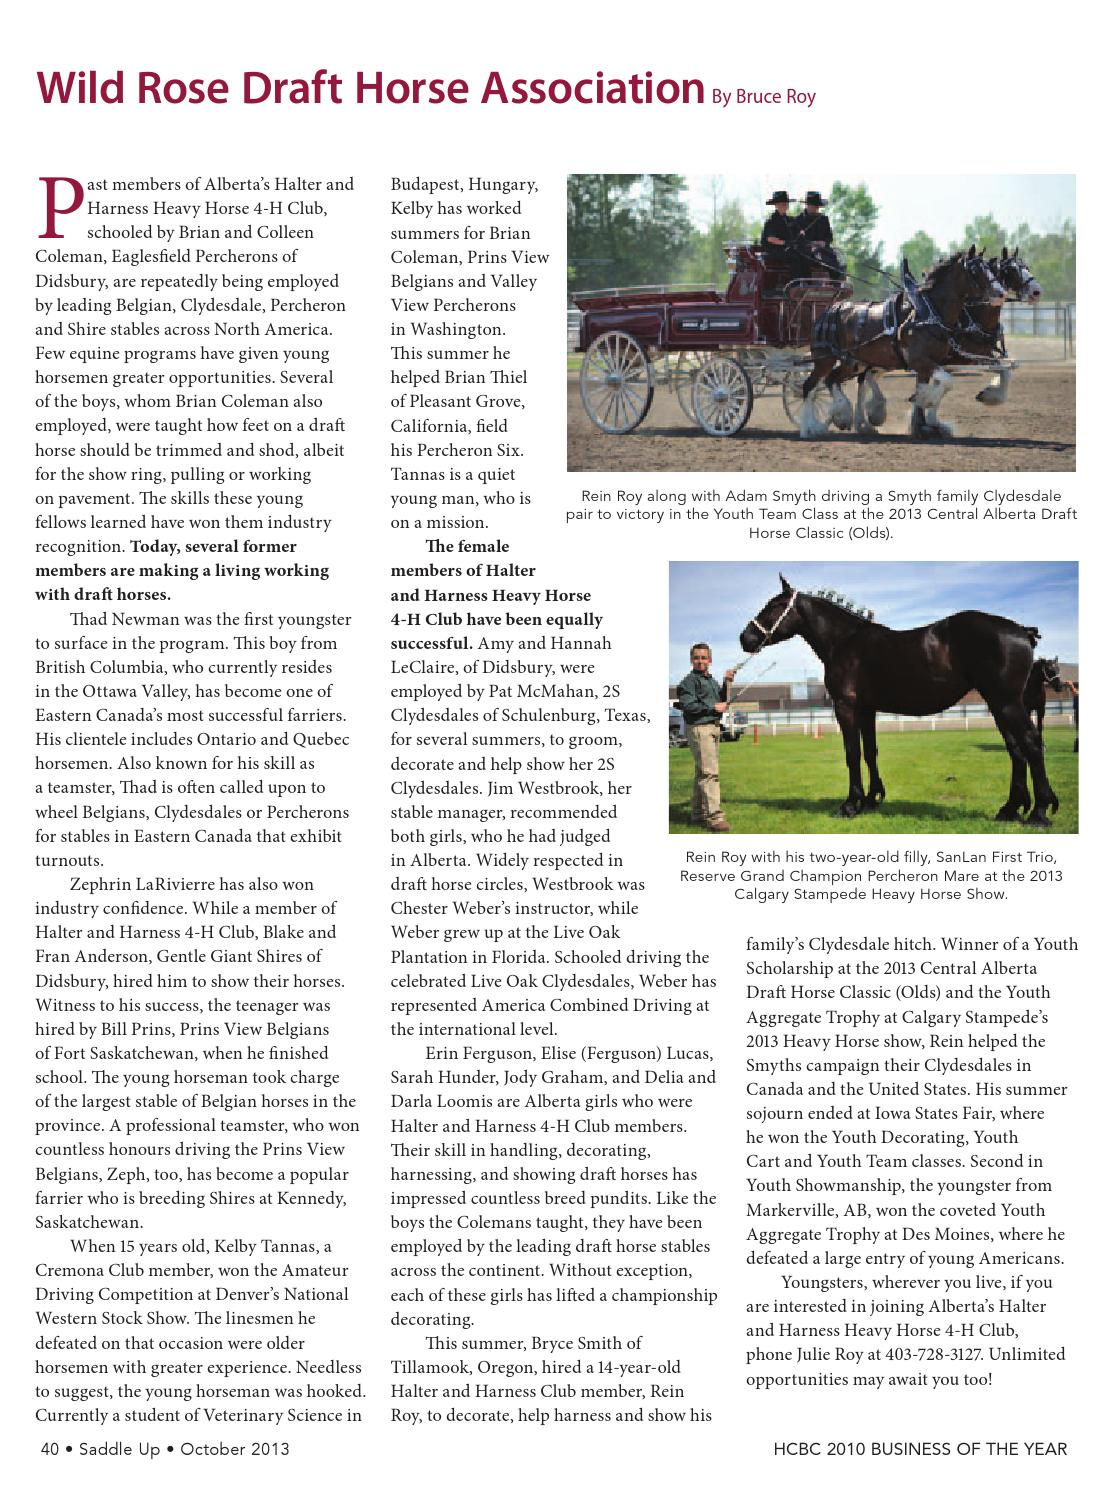 Saddle up Oct 2014 by Saddle Up magazine - Issuu